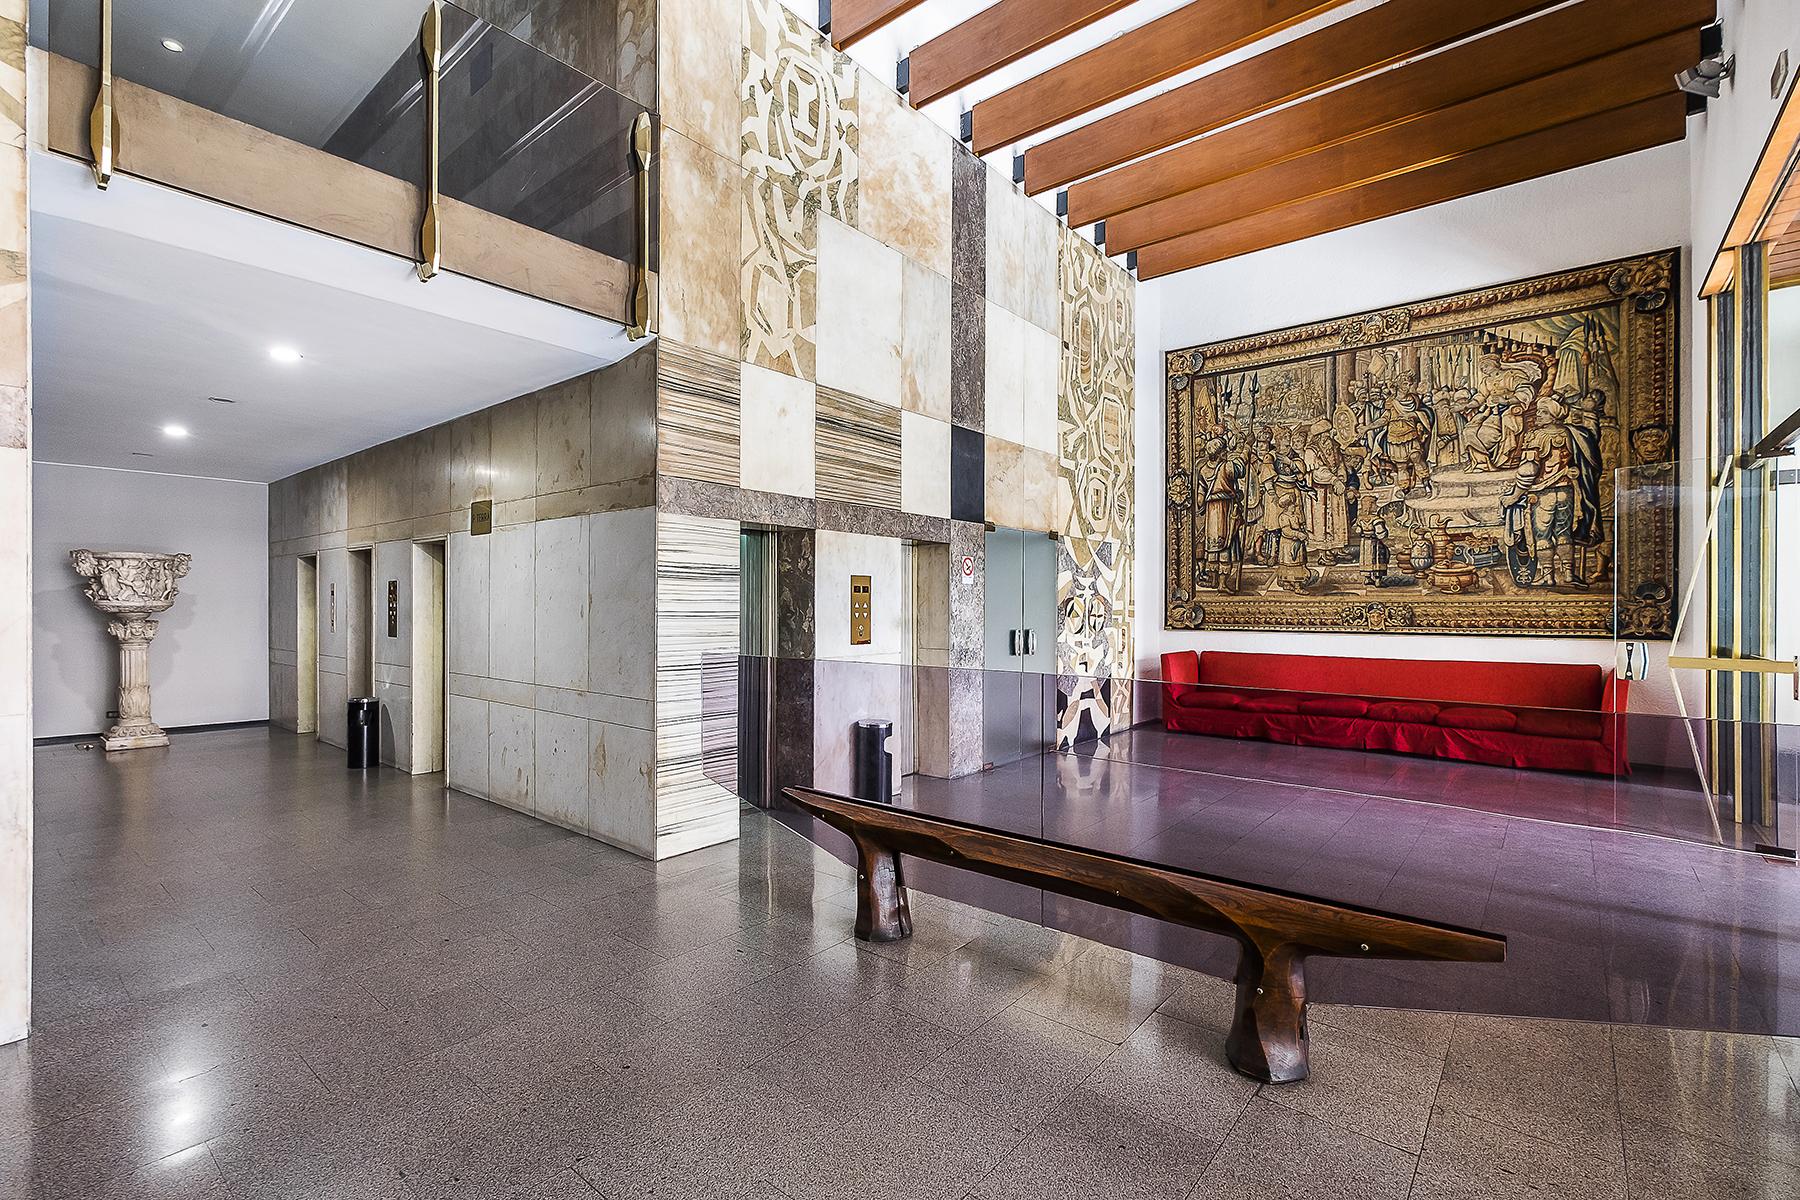 Ufficio studio di lusso in affitto a roma via parigi for Locali uso ufficio in affitto a roma